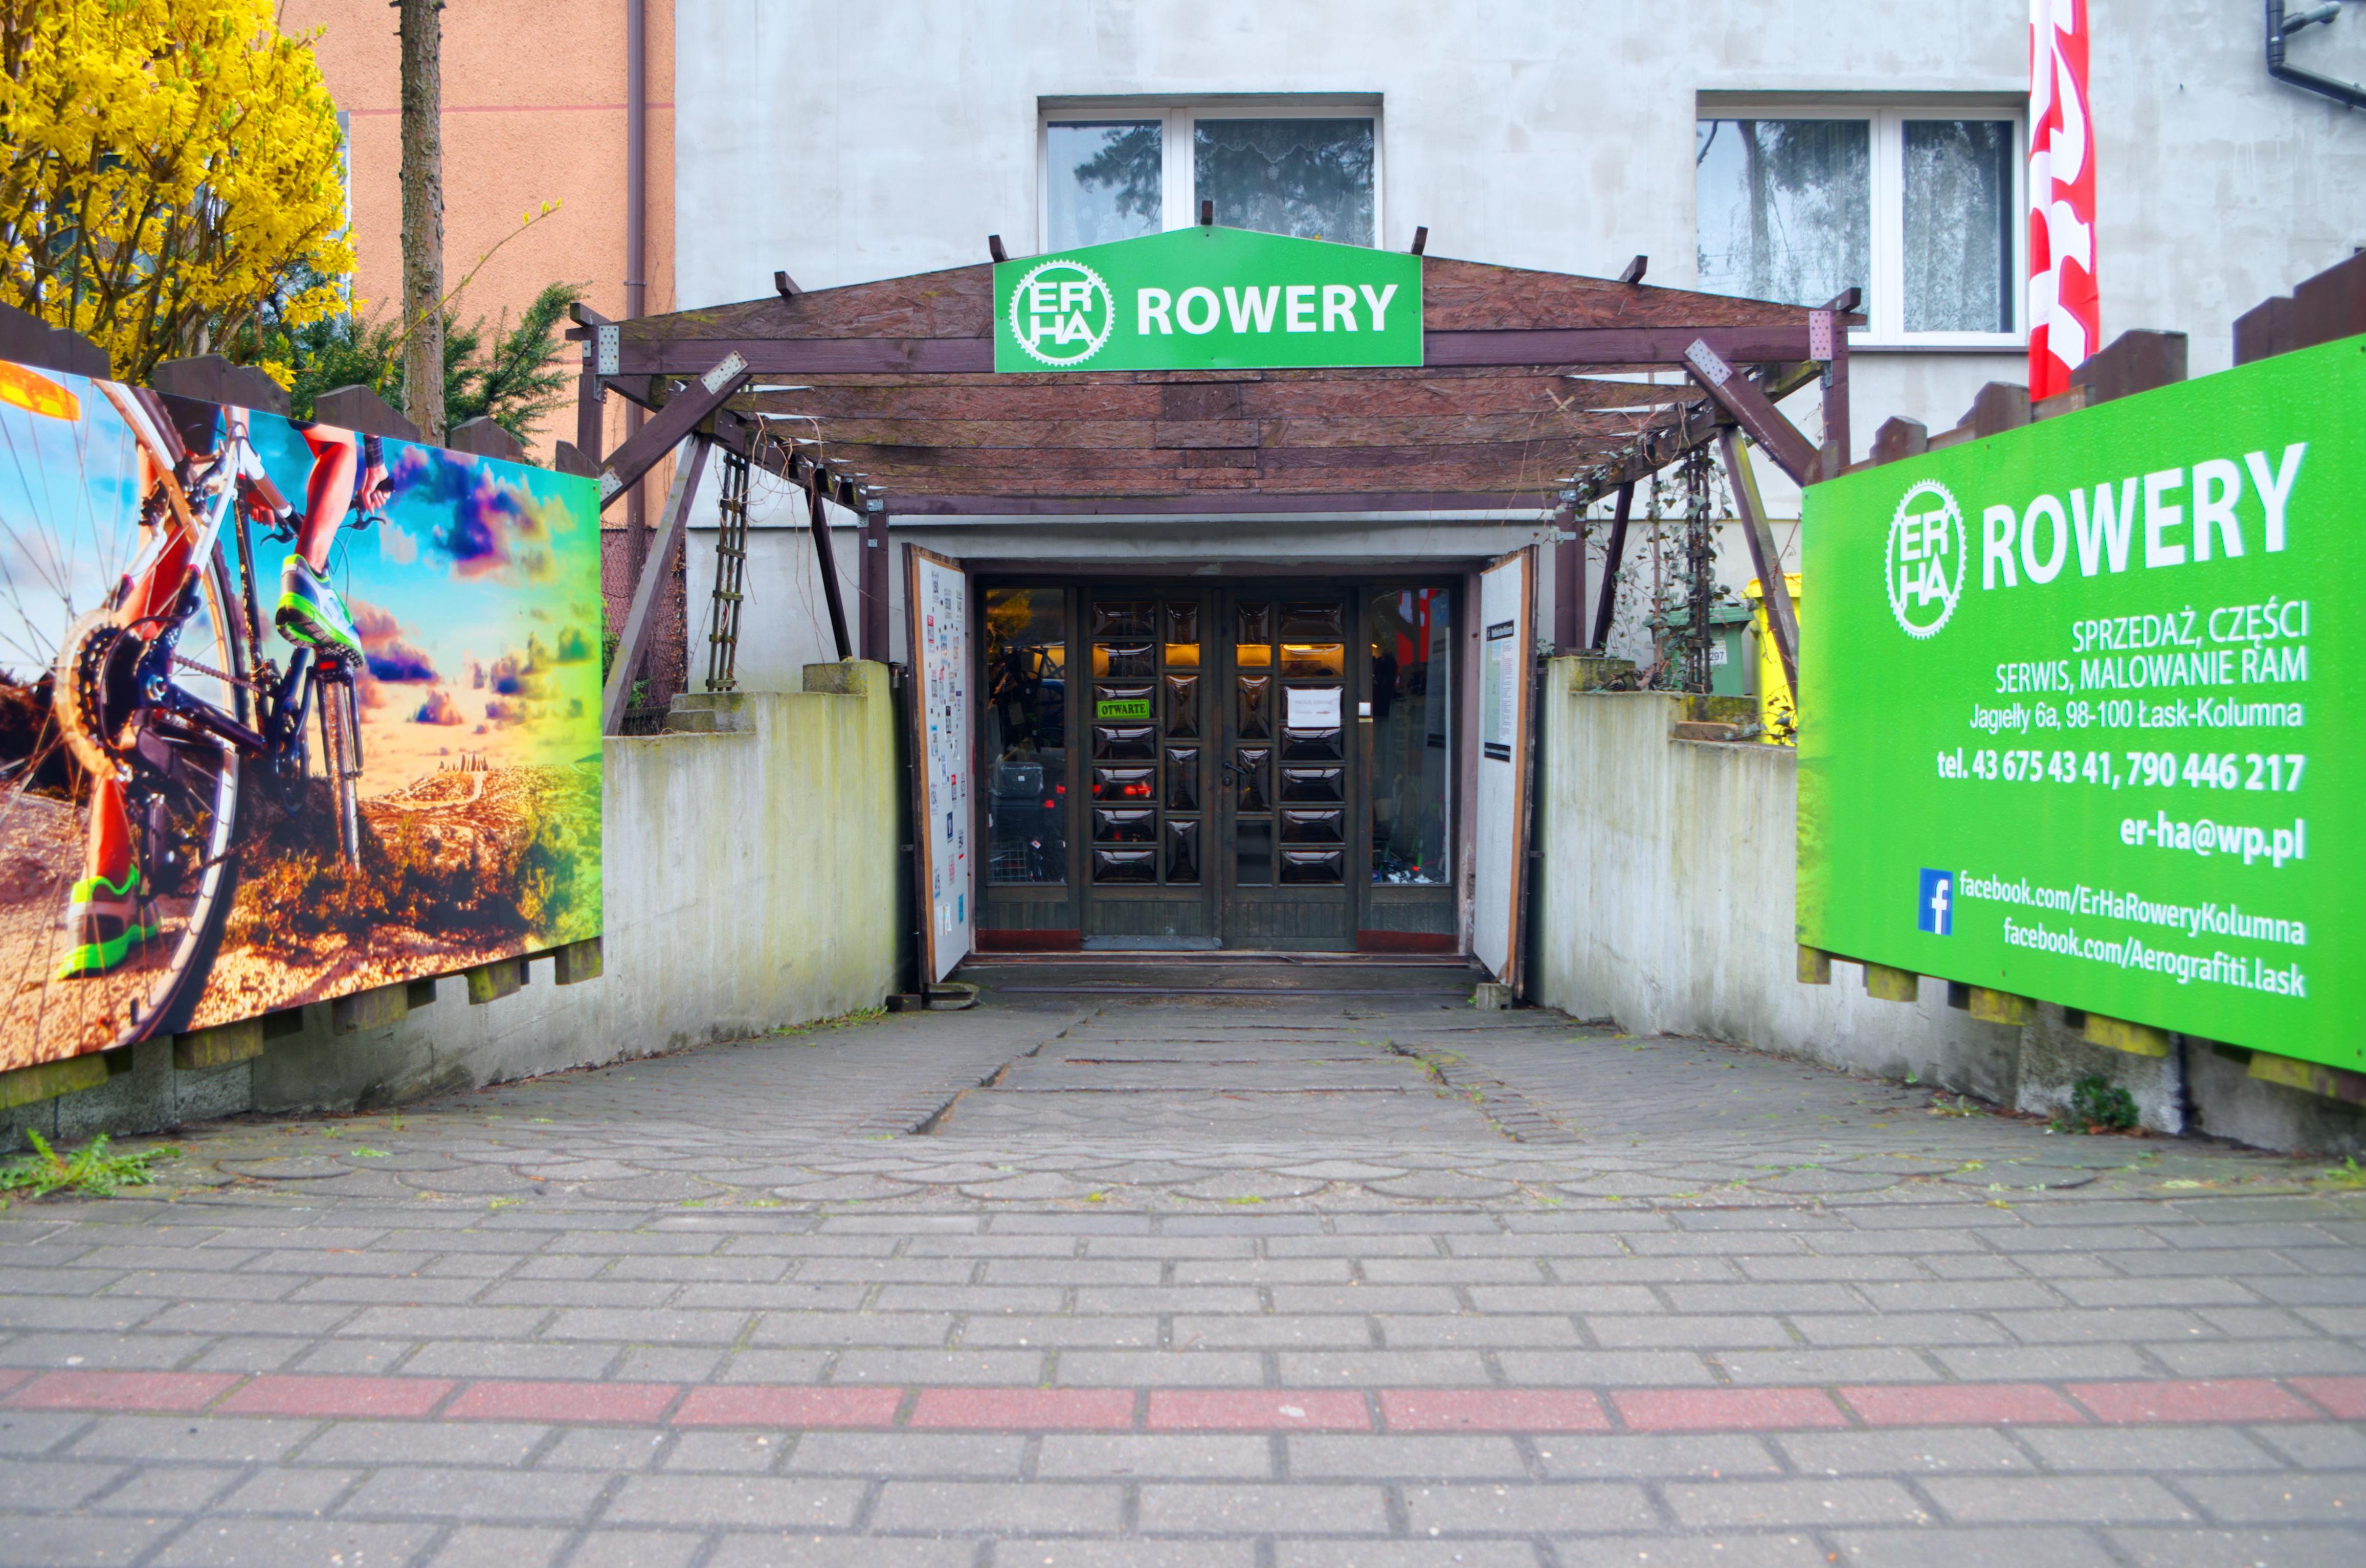 ERHA Rowery Sklep i serwis rowerowy Łask Kolumna